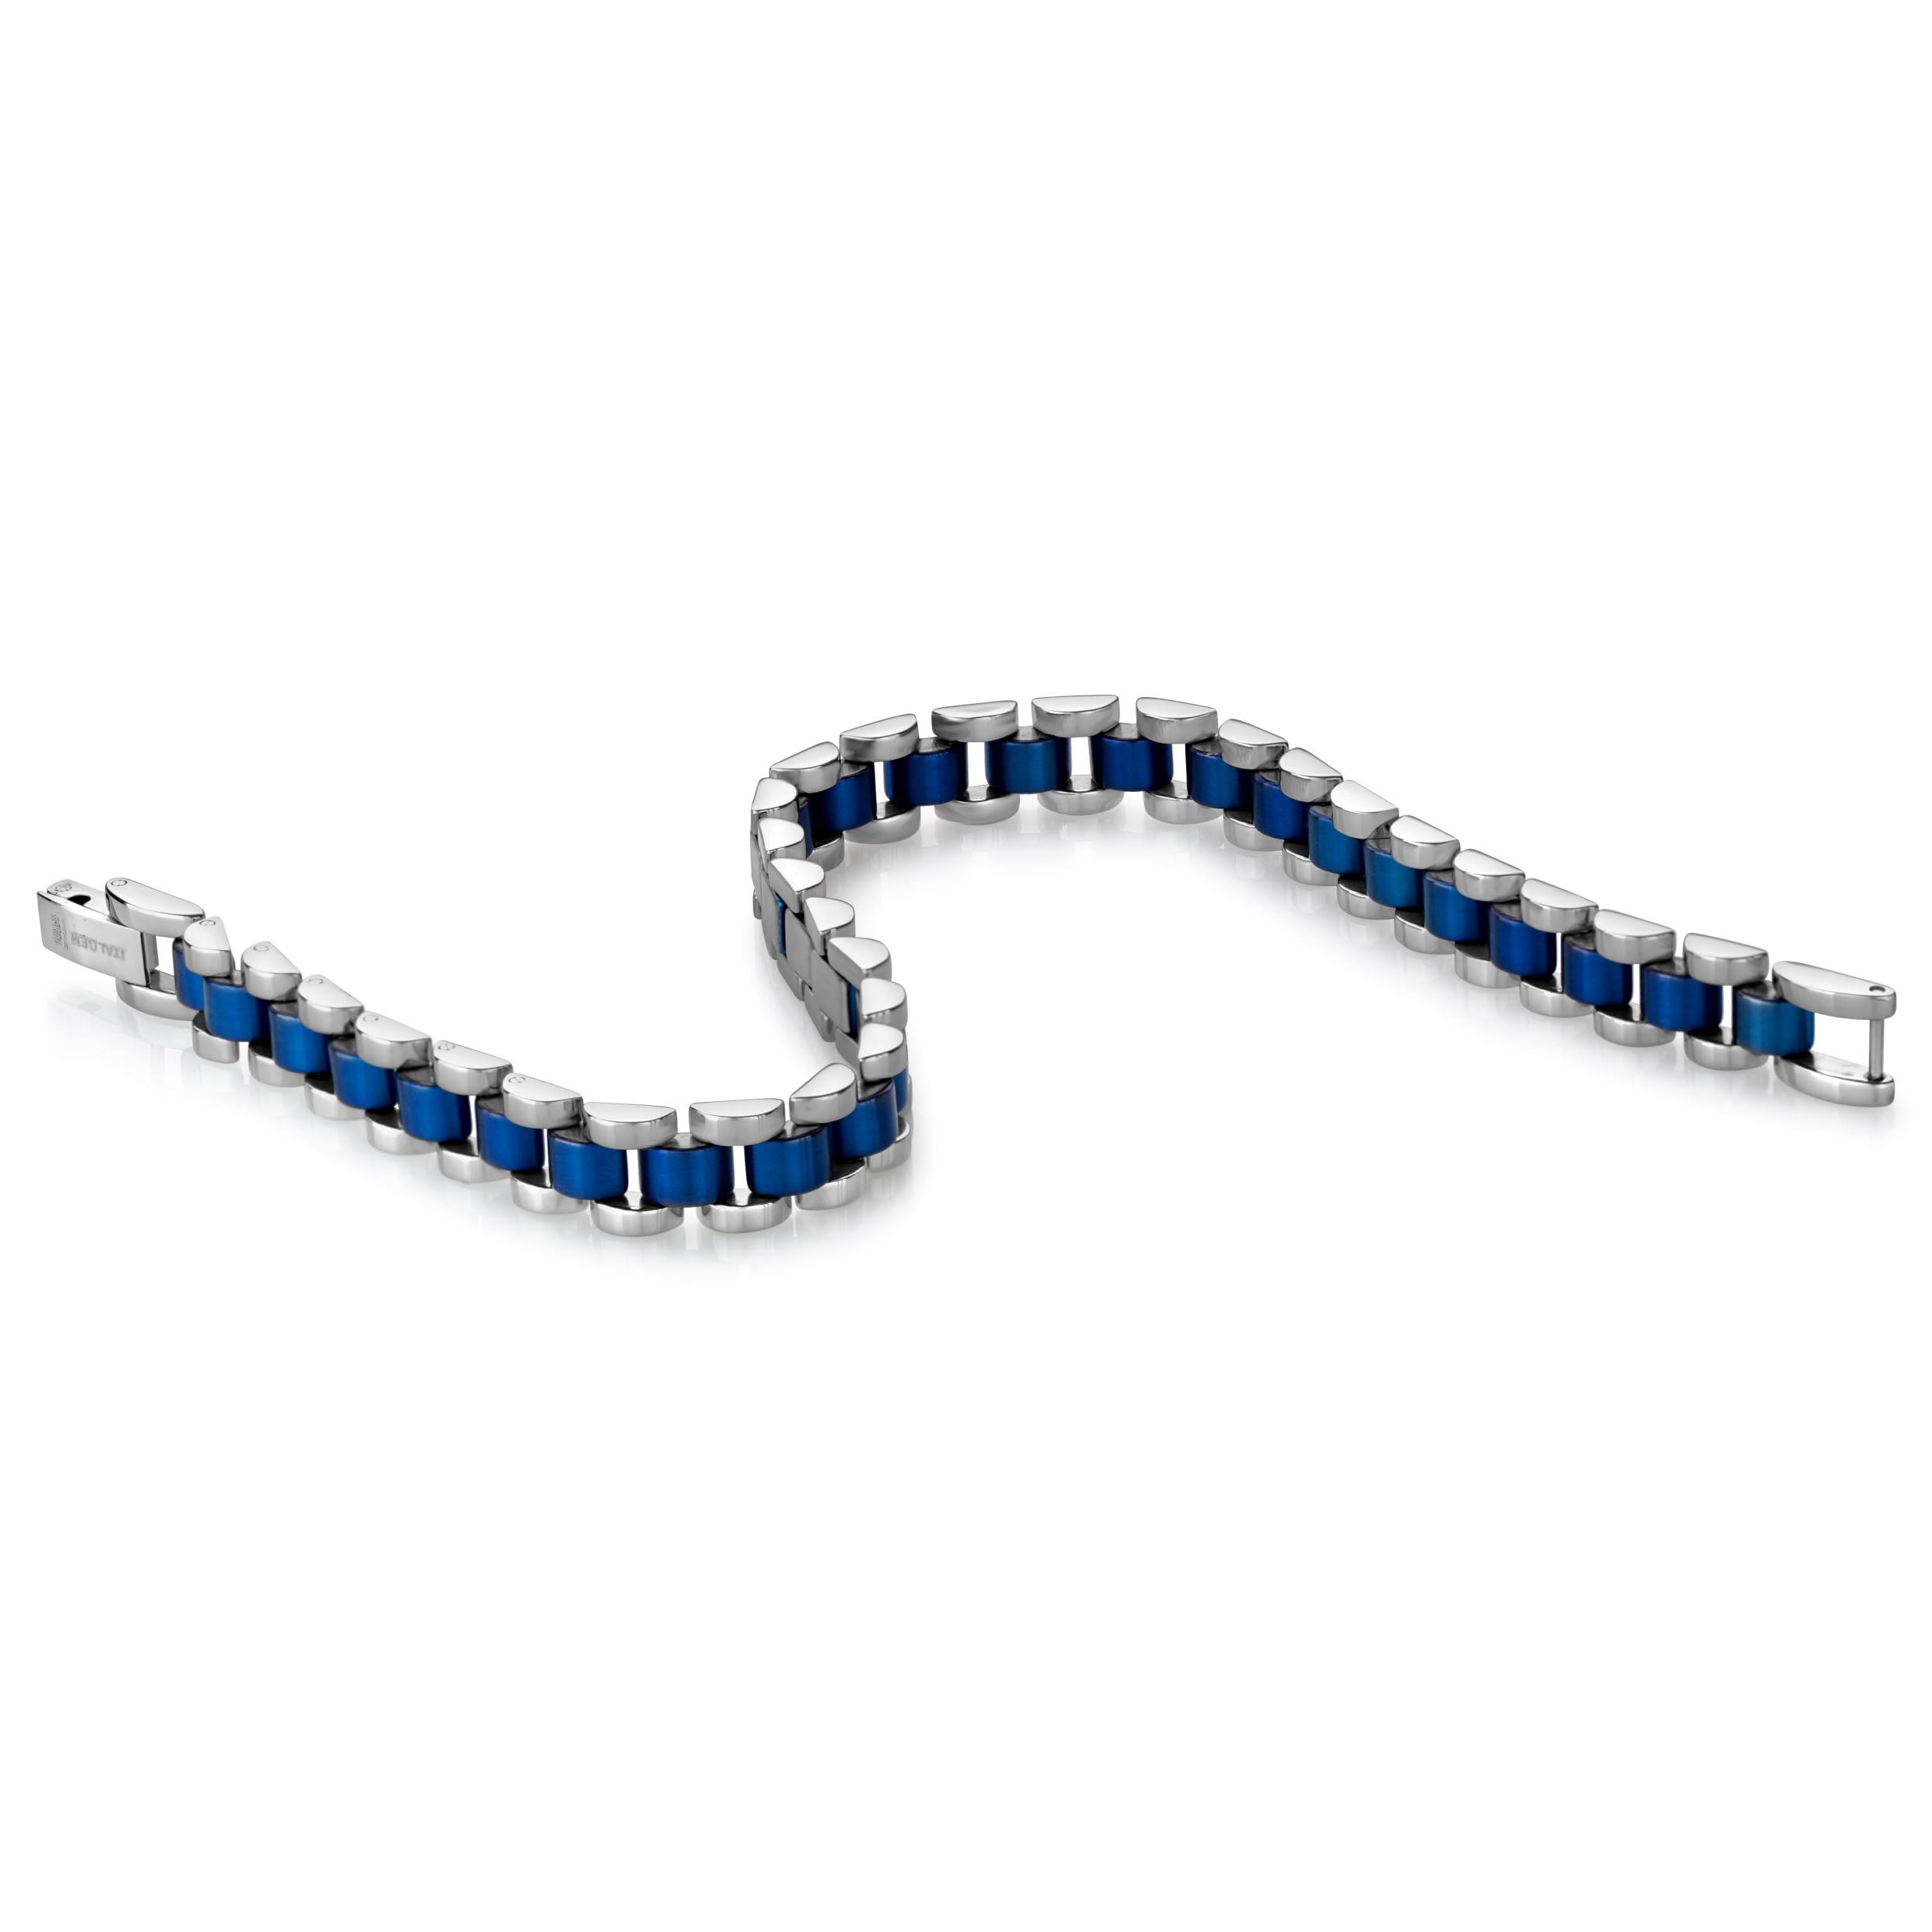 Bracelet for man - 2 tone stainless steel